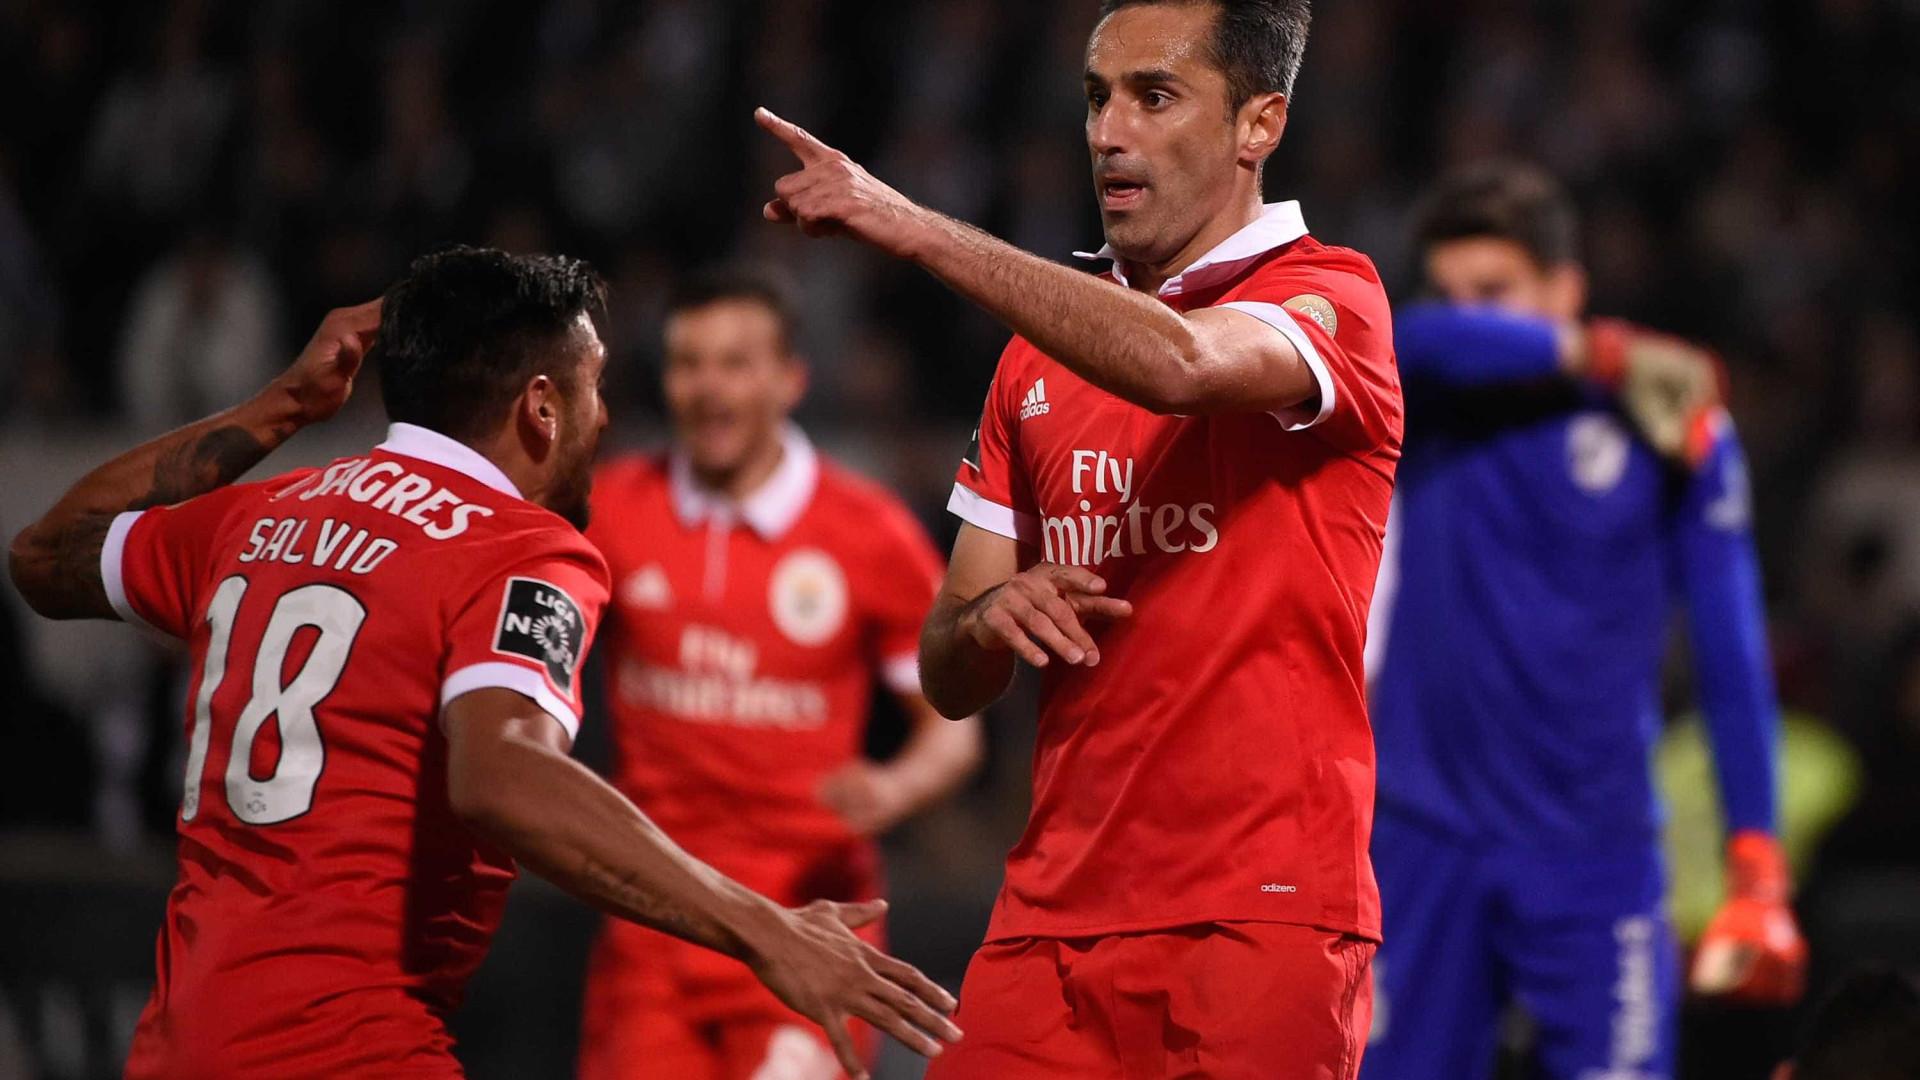 'Meu desejo é terminar a carreira no Benfica', afirma Jonas